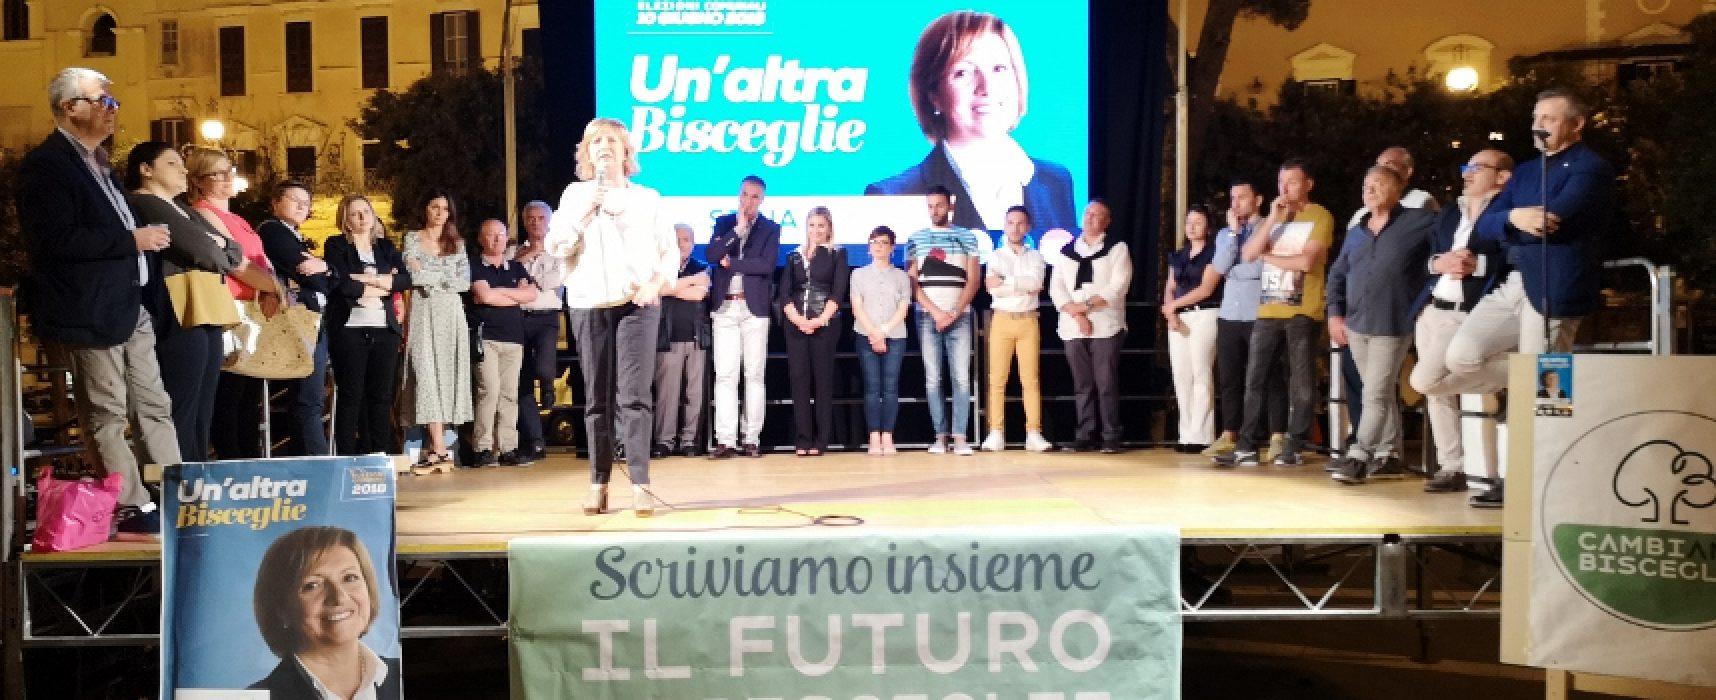 """""""Un'altra Bisceglie"""", primo comizio per la candidata sindaca Tonia Spina"""